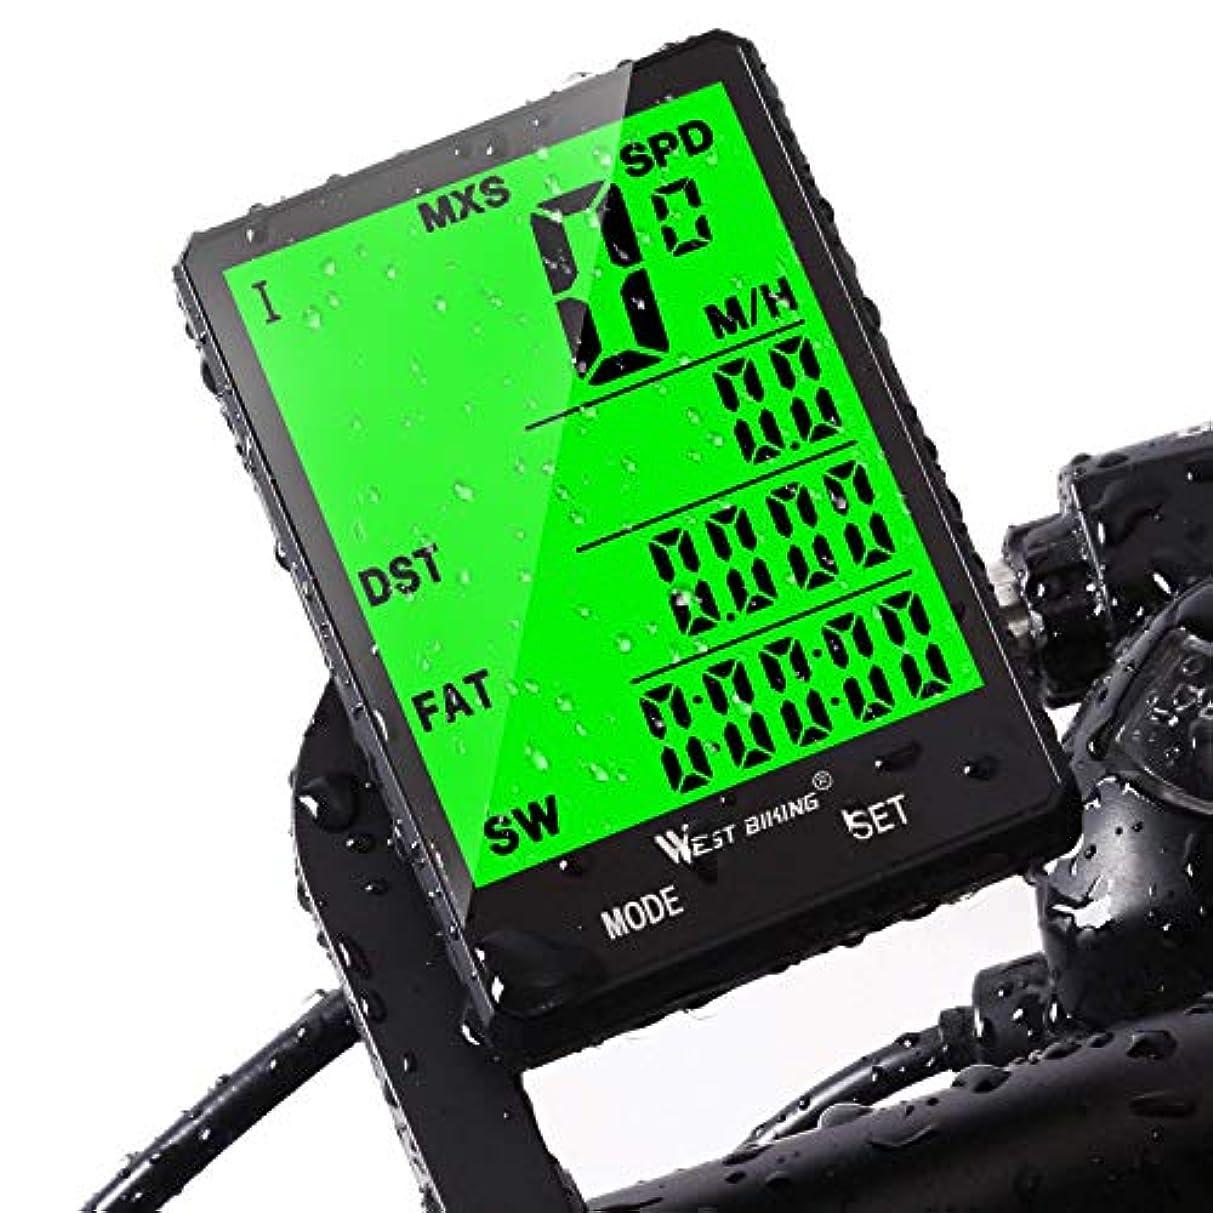 適切に直面する慰めサイクルコンピュータ、West Bikingワイヤレス防水自転車走行距離計、自動ウェイクアップLarge LCDバックライト、モーションセンサー、バイク速度計速度と距離の追跡の乗馬、サイクリングアクセサリー